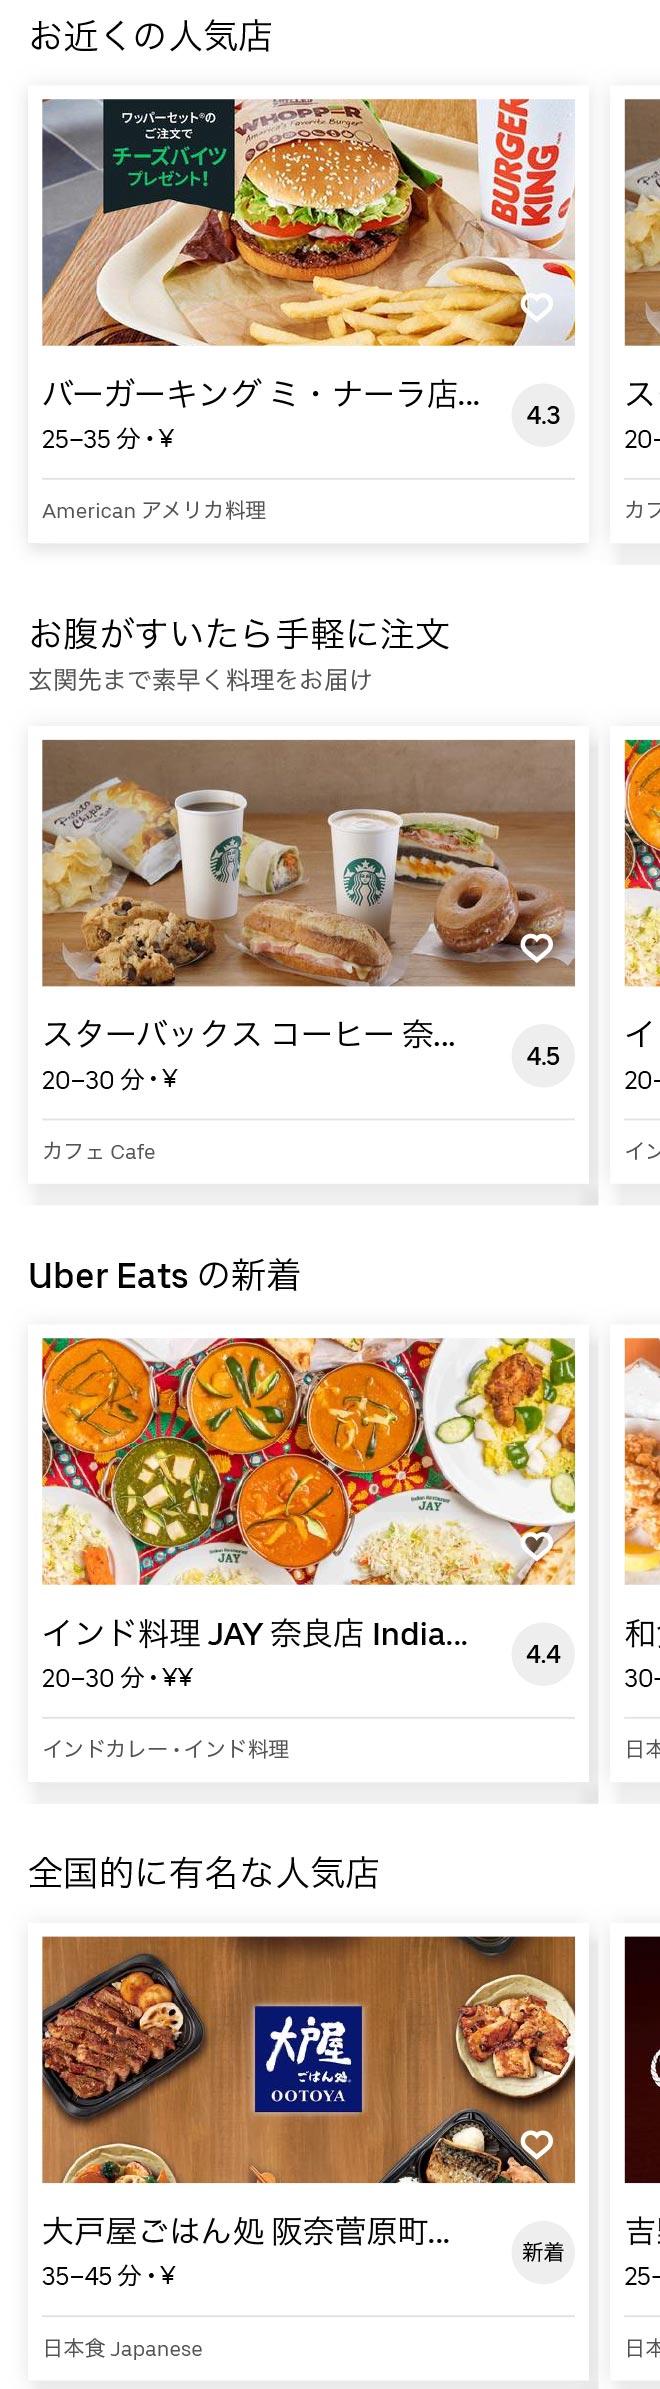 Nara saidaiji menu 2007 01